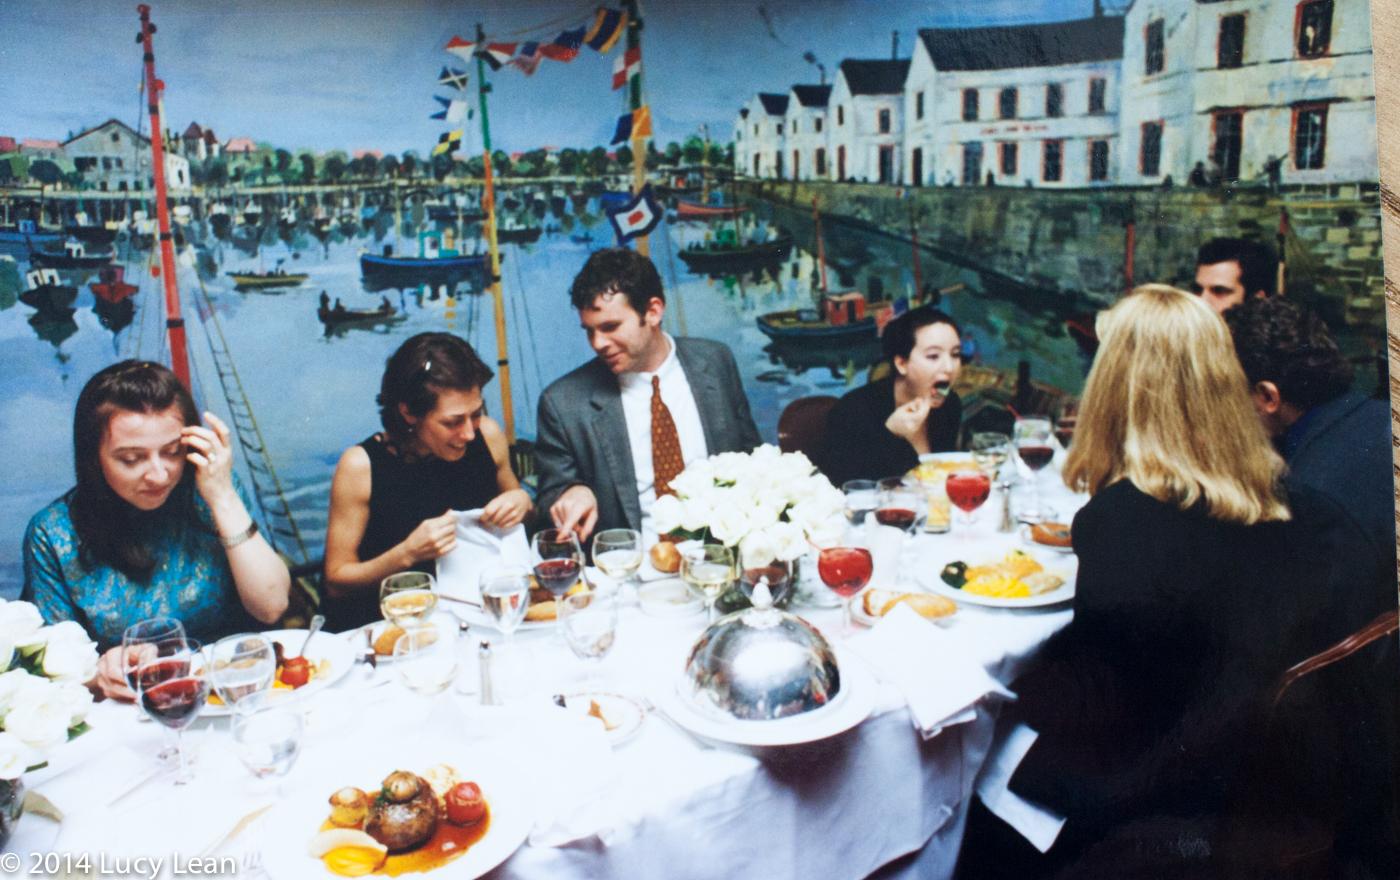 La Cote Basque Rachou Wedding 1998